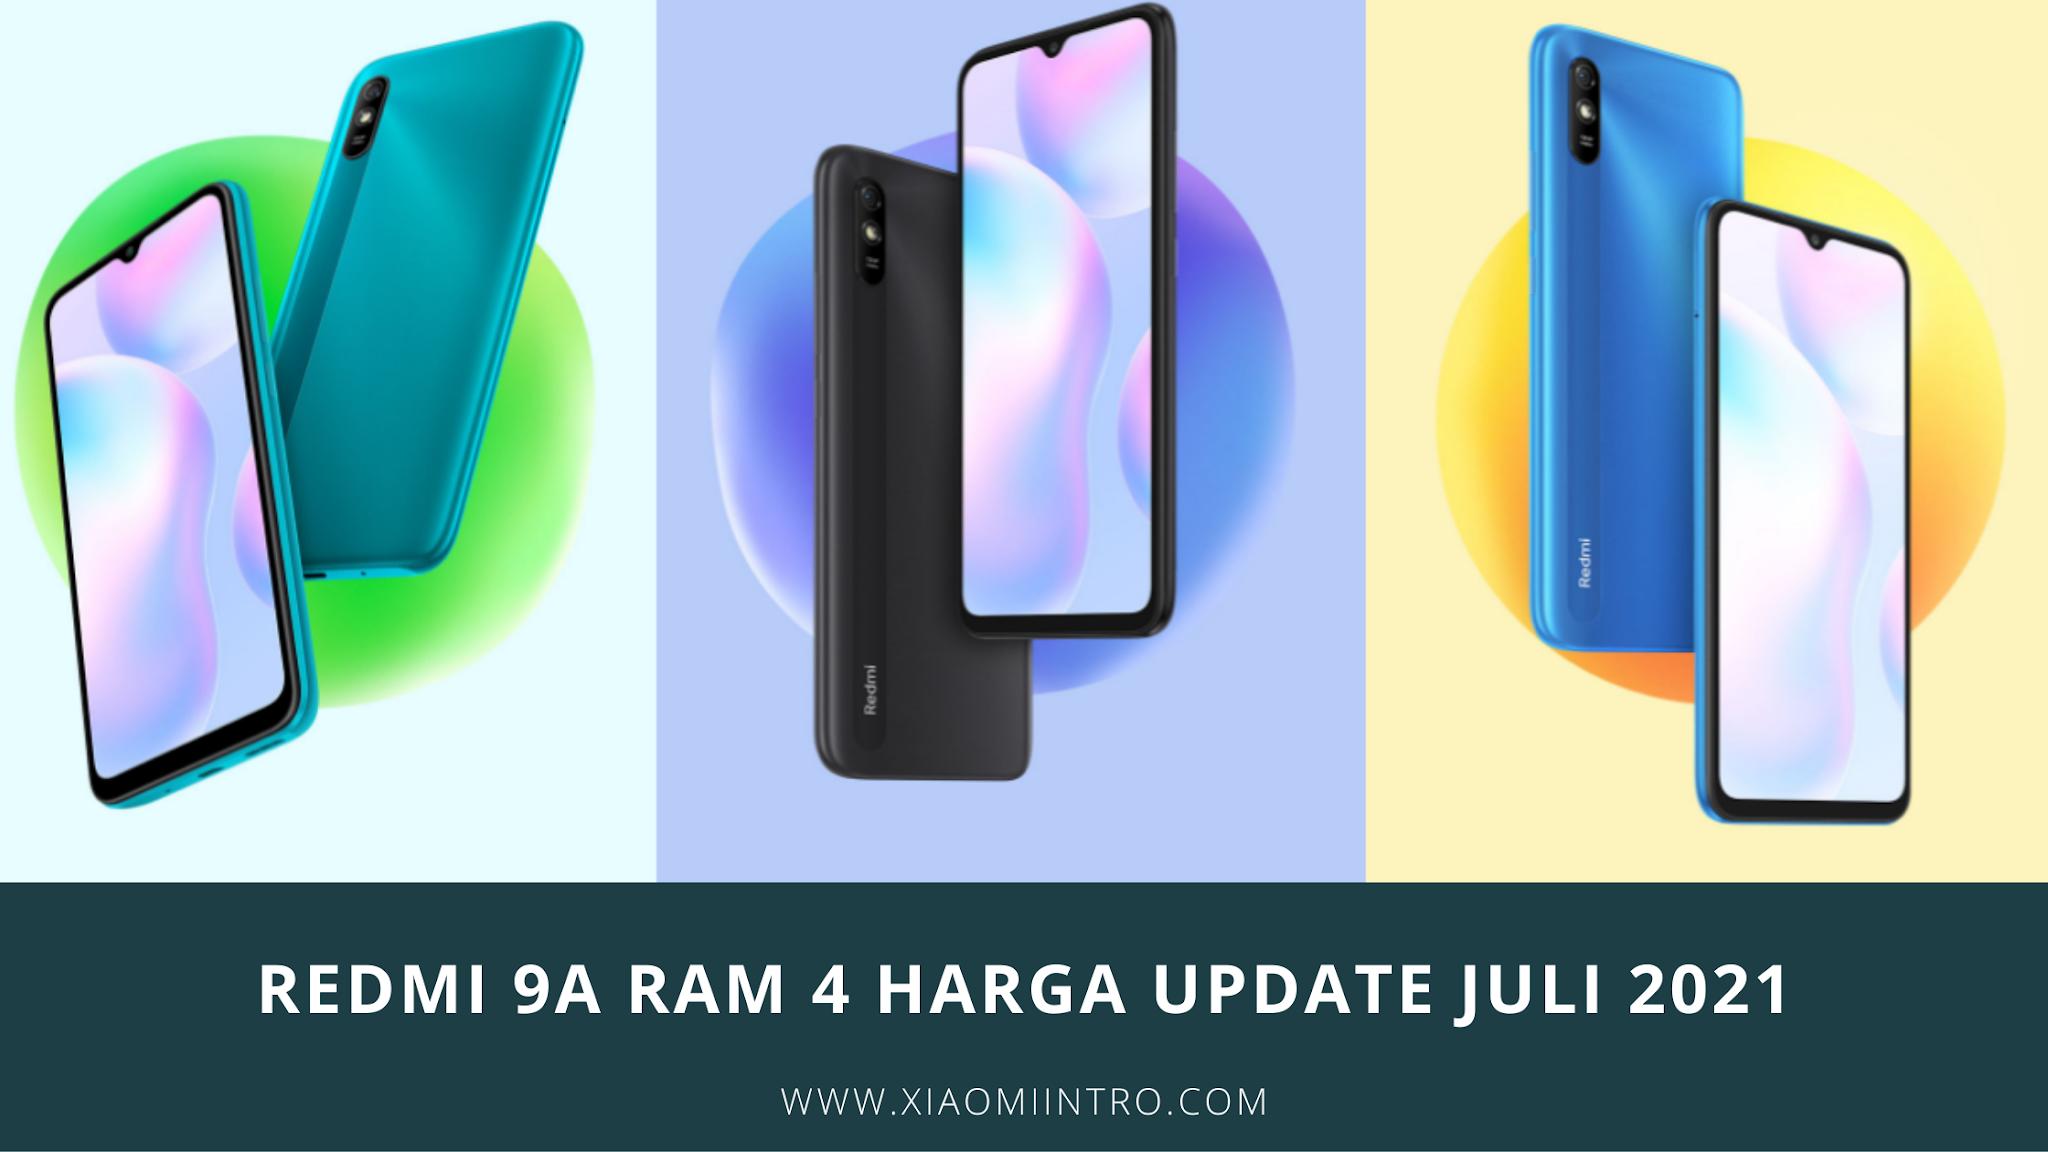 Redmi 9A Ram 4 Harga Update Juli 2021